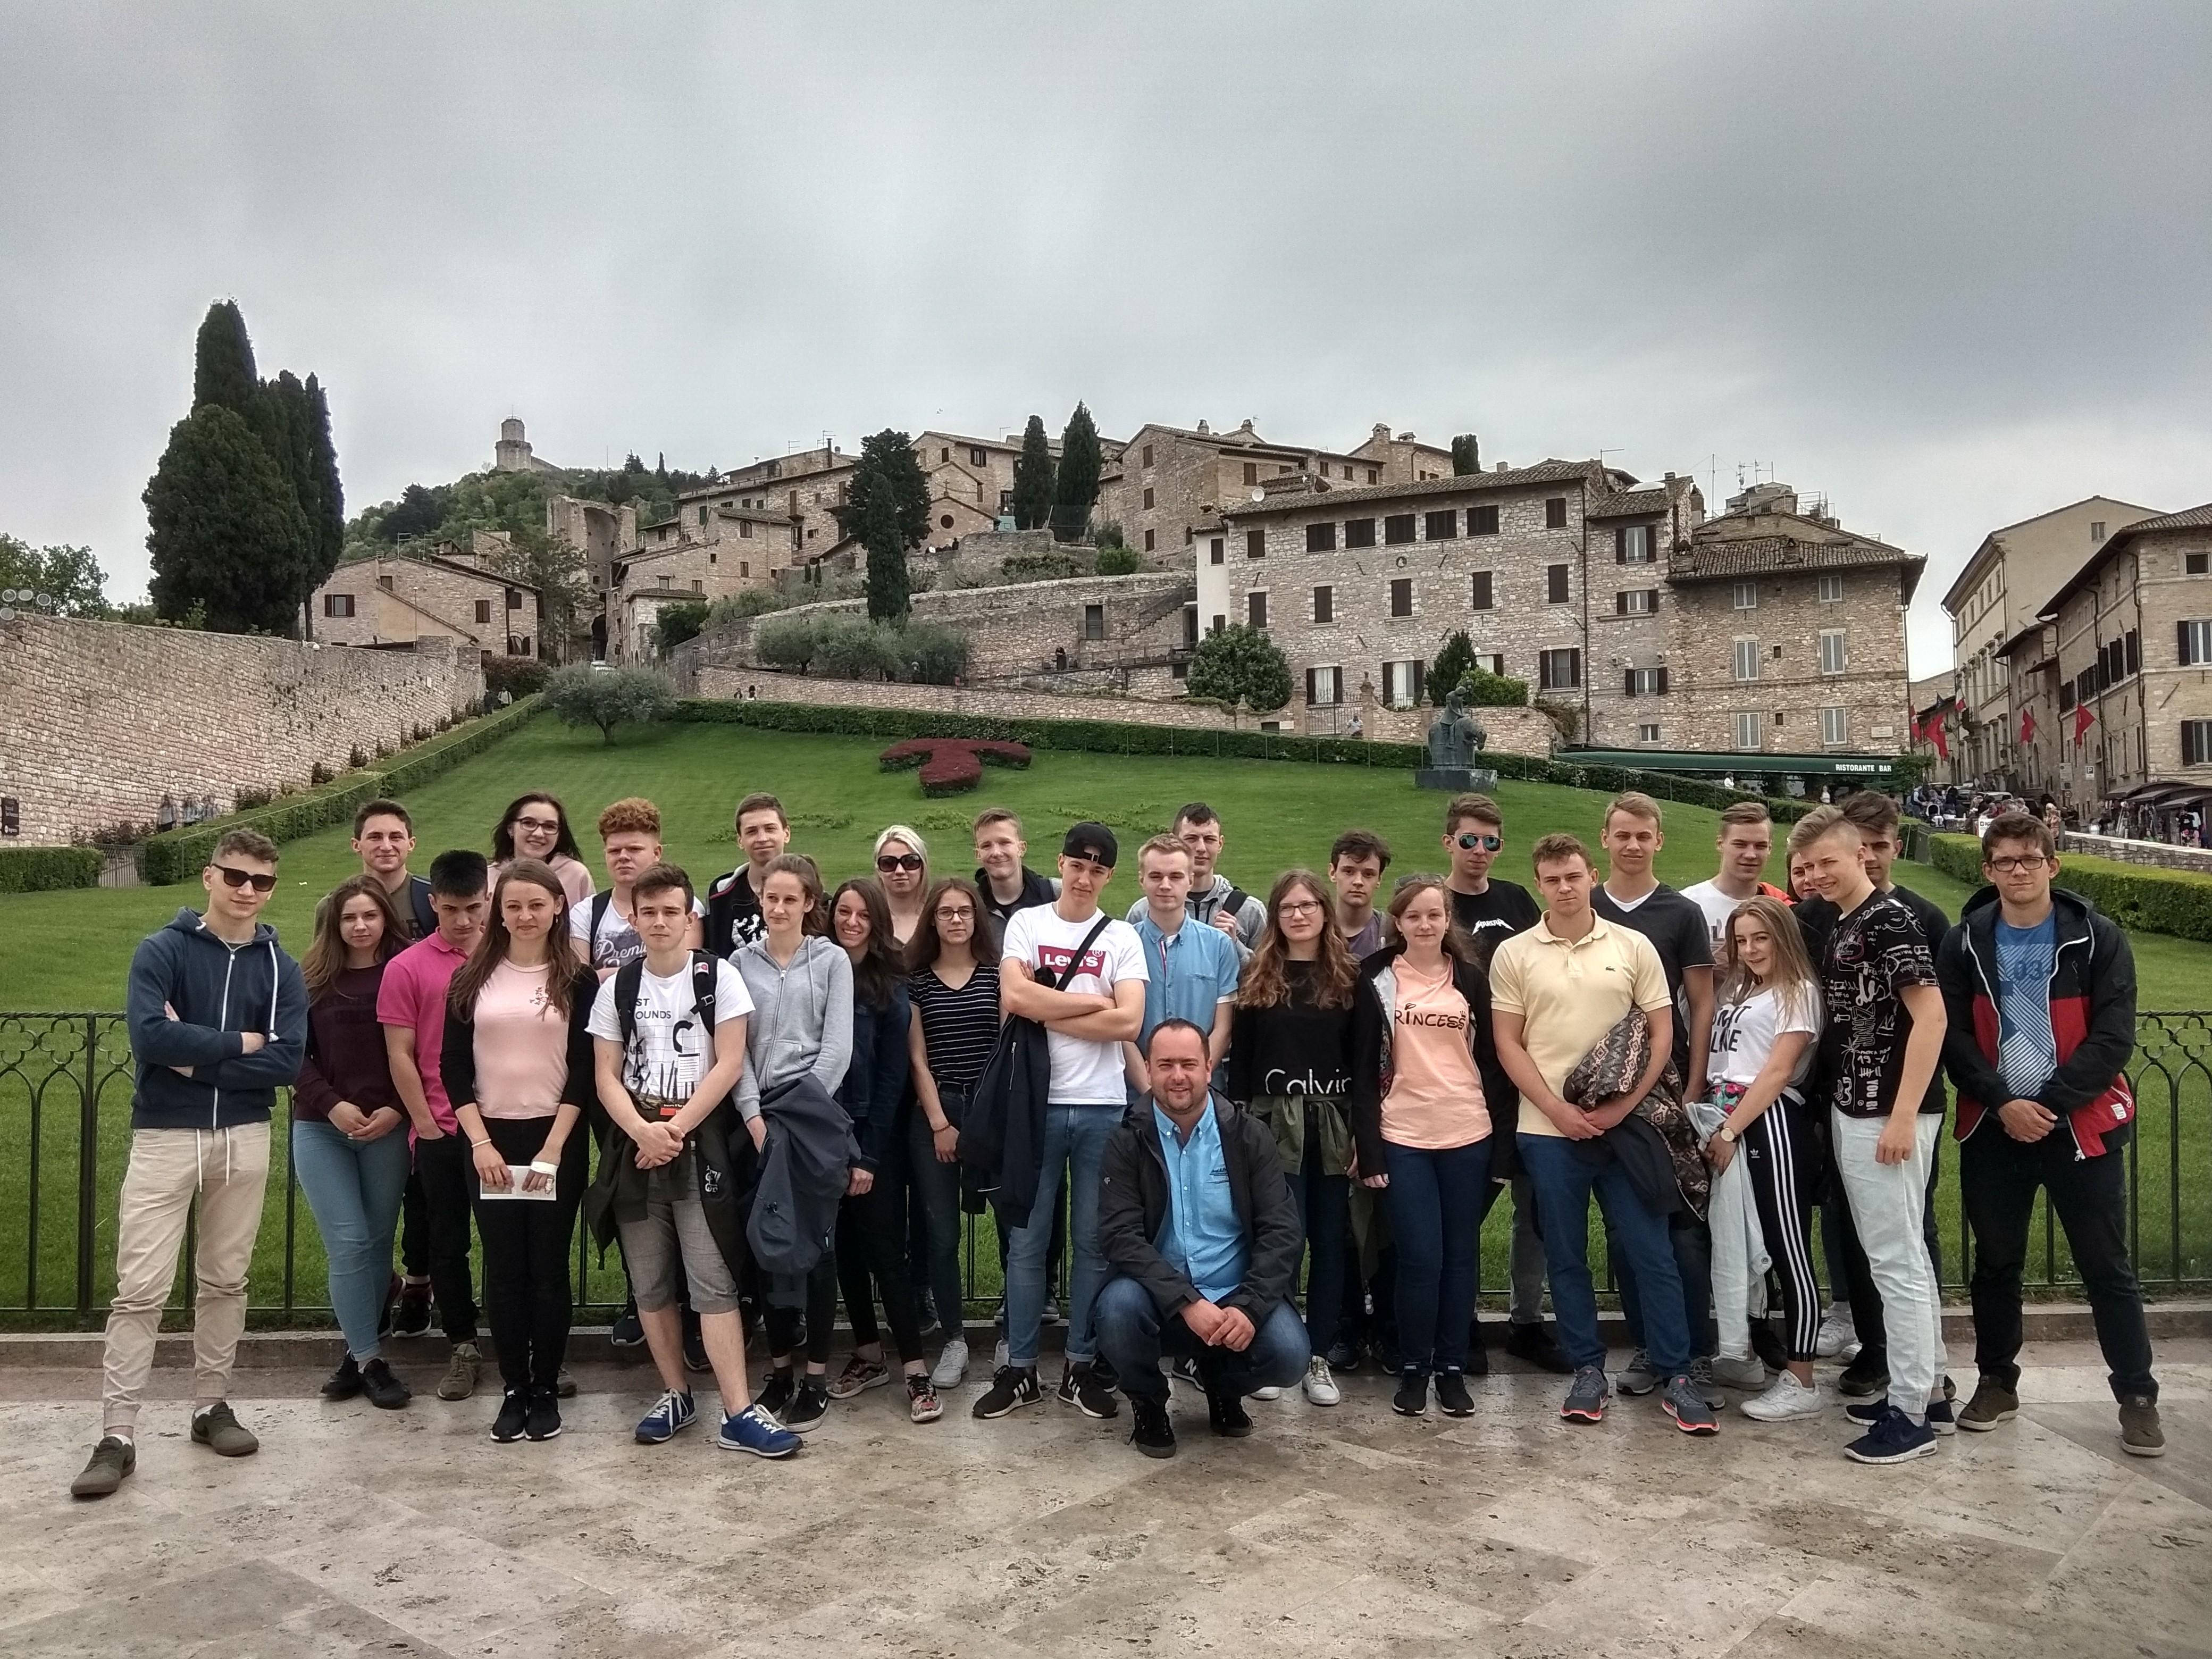 grupowe zdjęcie uczniów z I LO w Limanowej na tle Starego Miasta w Rzymie